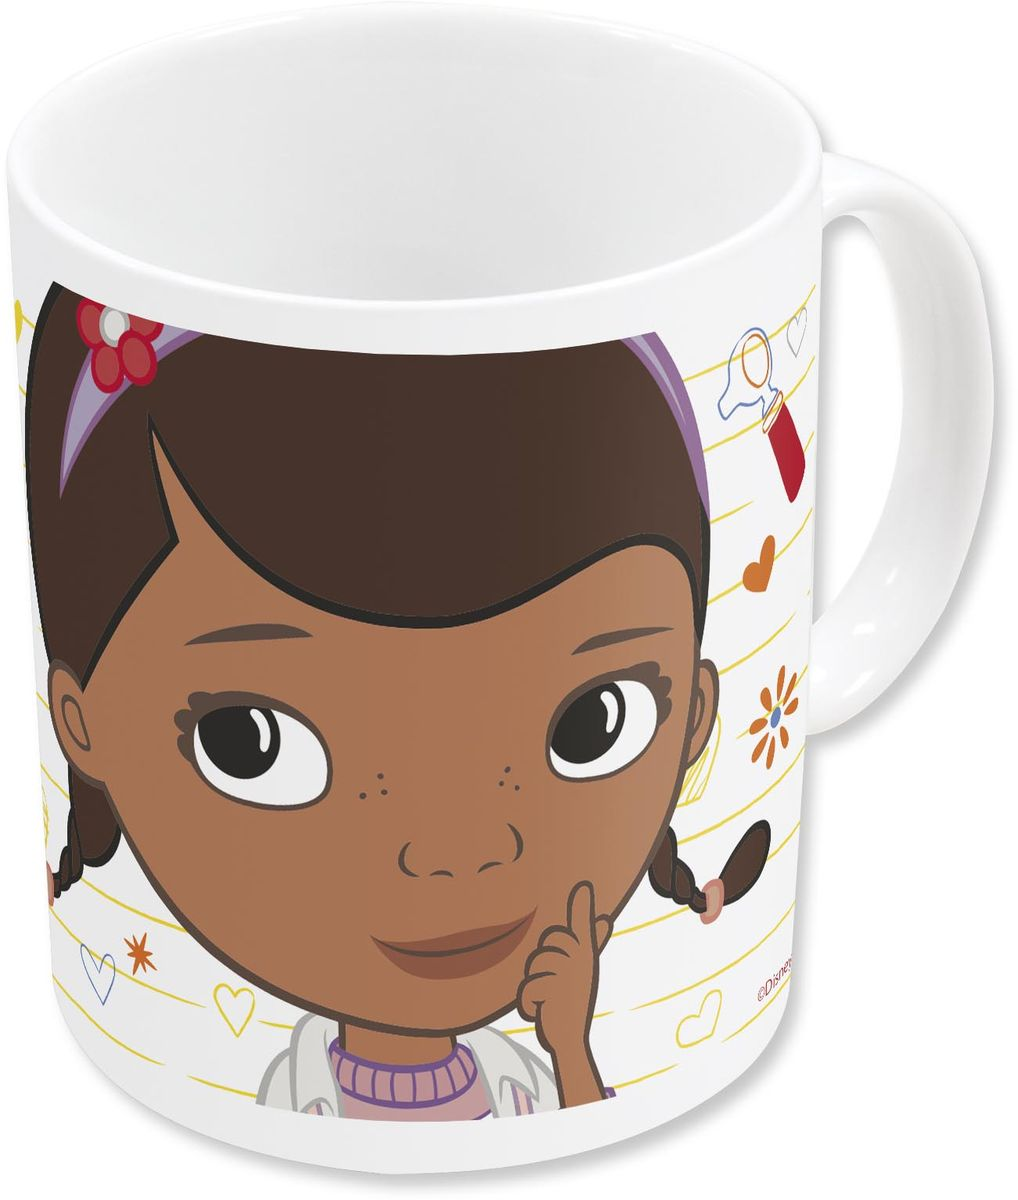 Stor Кружка детская Доктор Плюшева 325 мл в подарочной упаковке78605Оригинальная керамическая посуда с изображением любимых героев - прекрасный подарок для детей и взрослых. Можно использовать в СВЧ-печи и посудомоечной машине. Размер: 8,7 х 10 см.